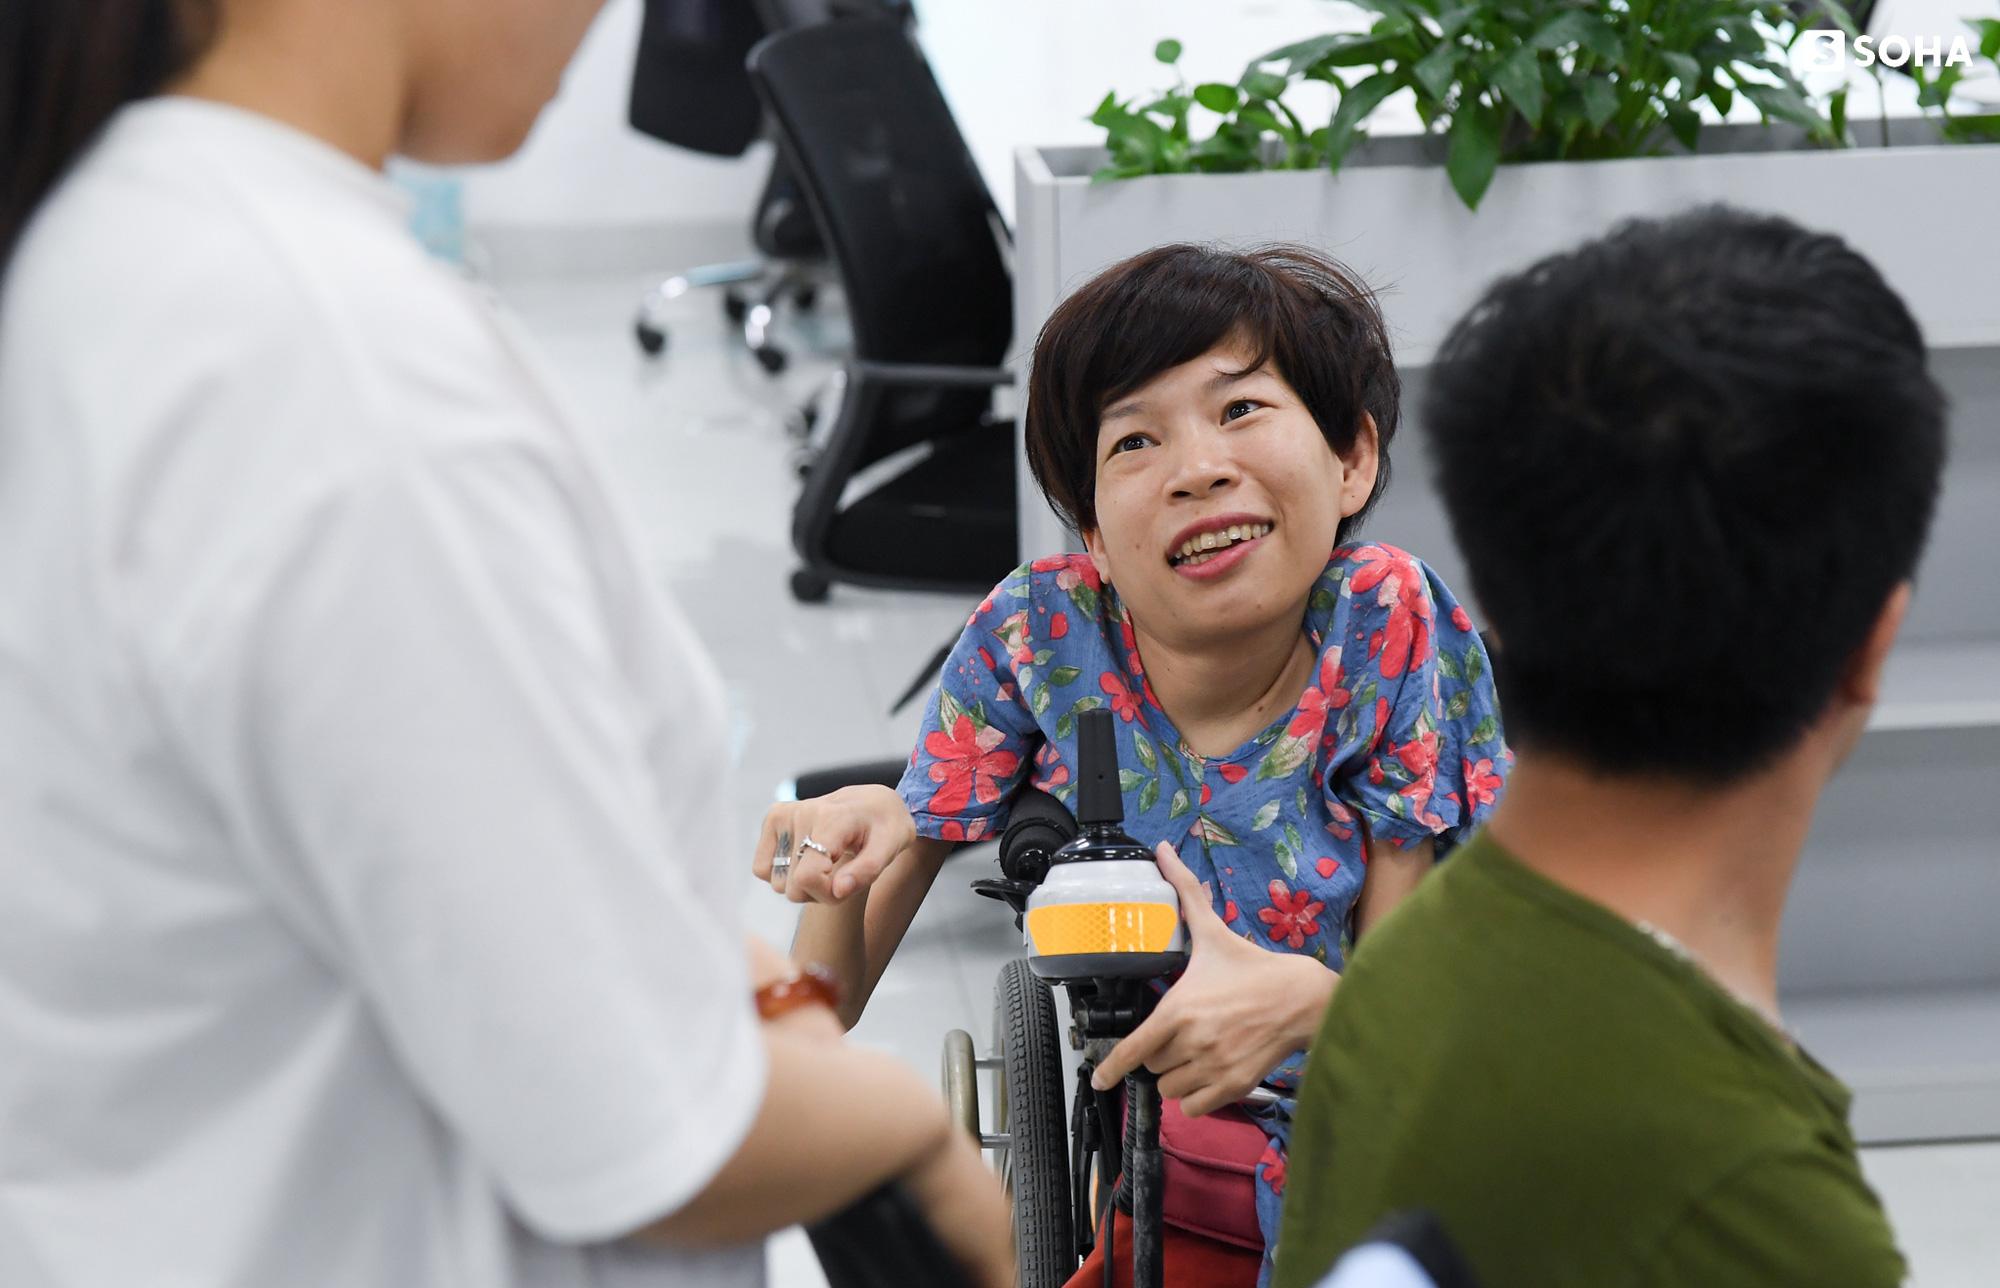 [Bí mật phòng Sếp] Nữ Chủ tịch nặng 20kg, ngồi xe lăn điều hành doanh nghiệp gần 100 người - Ảnh 7.